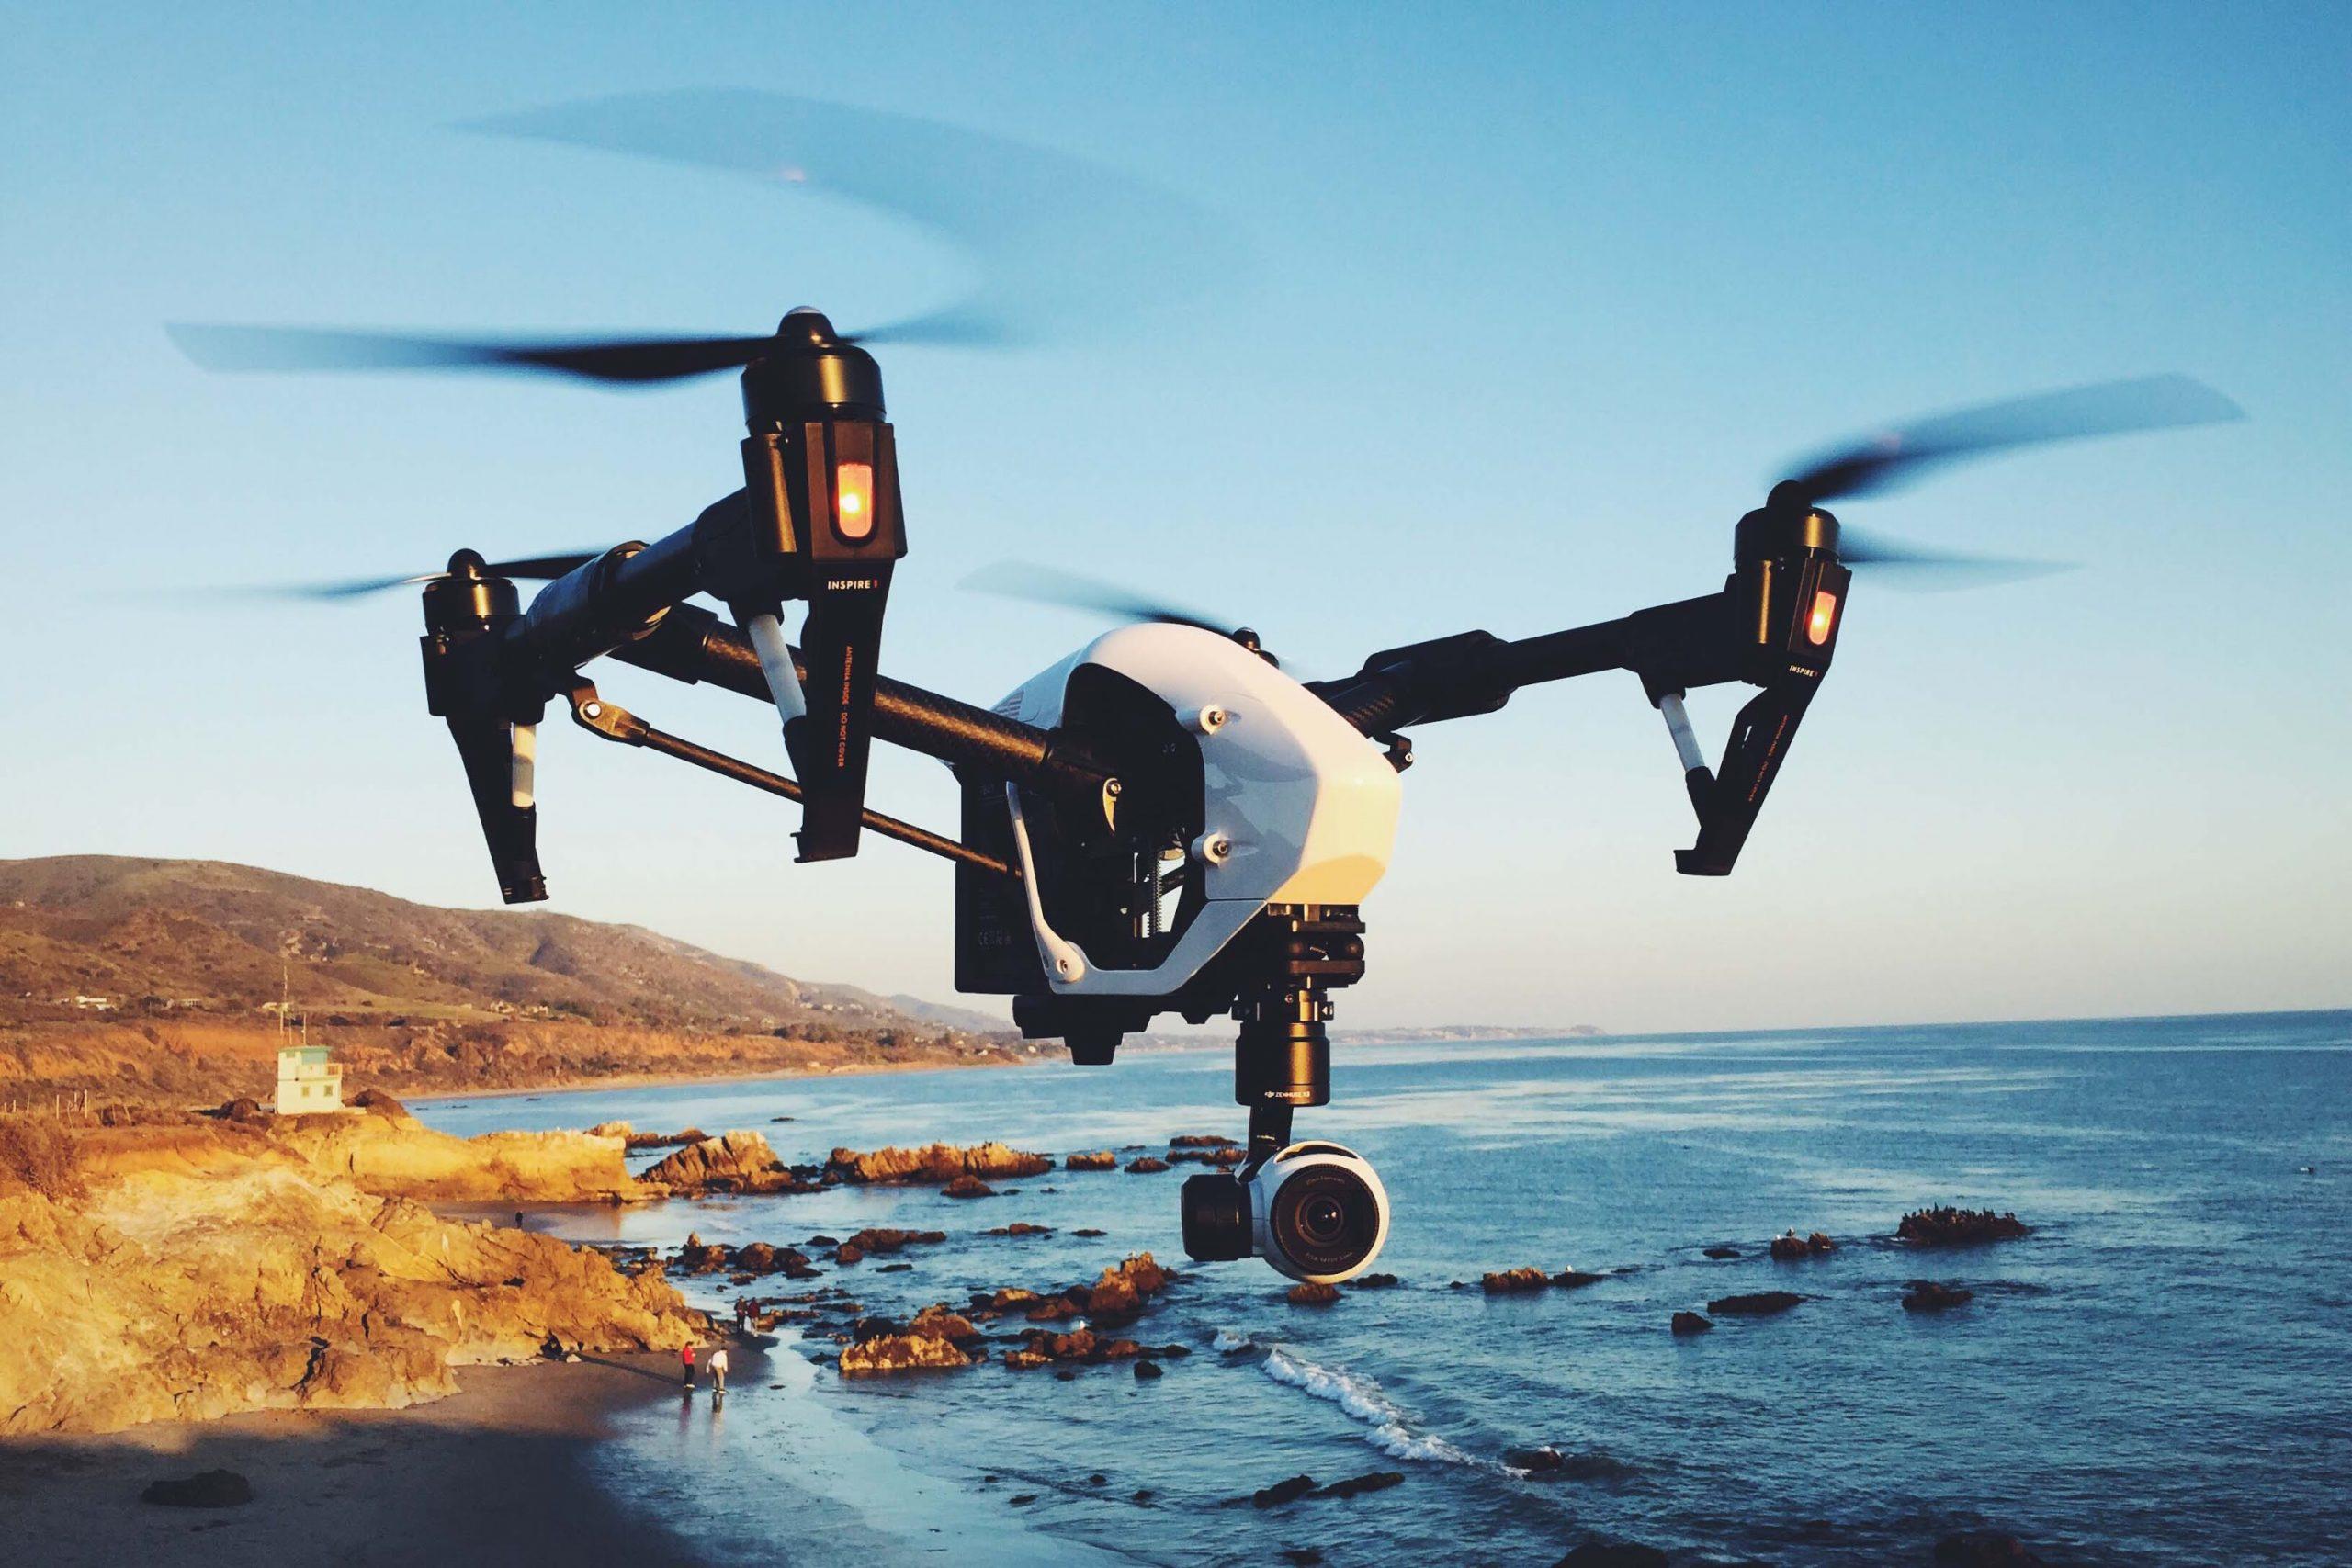 Drone-pro-dji-inspire-2